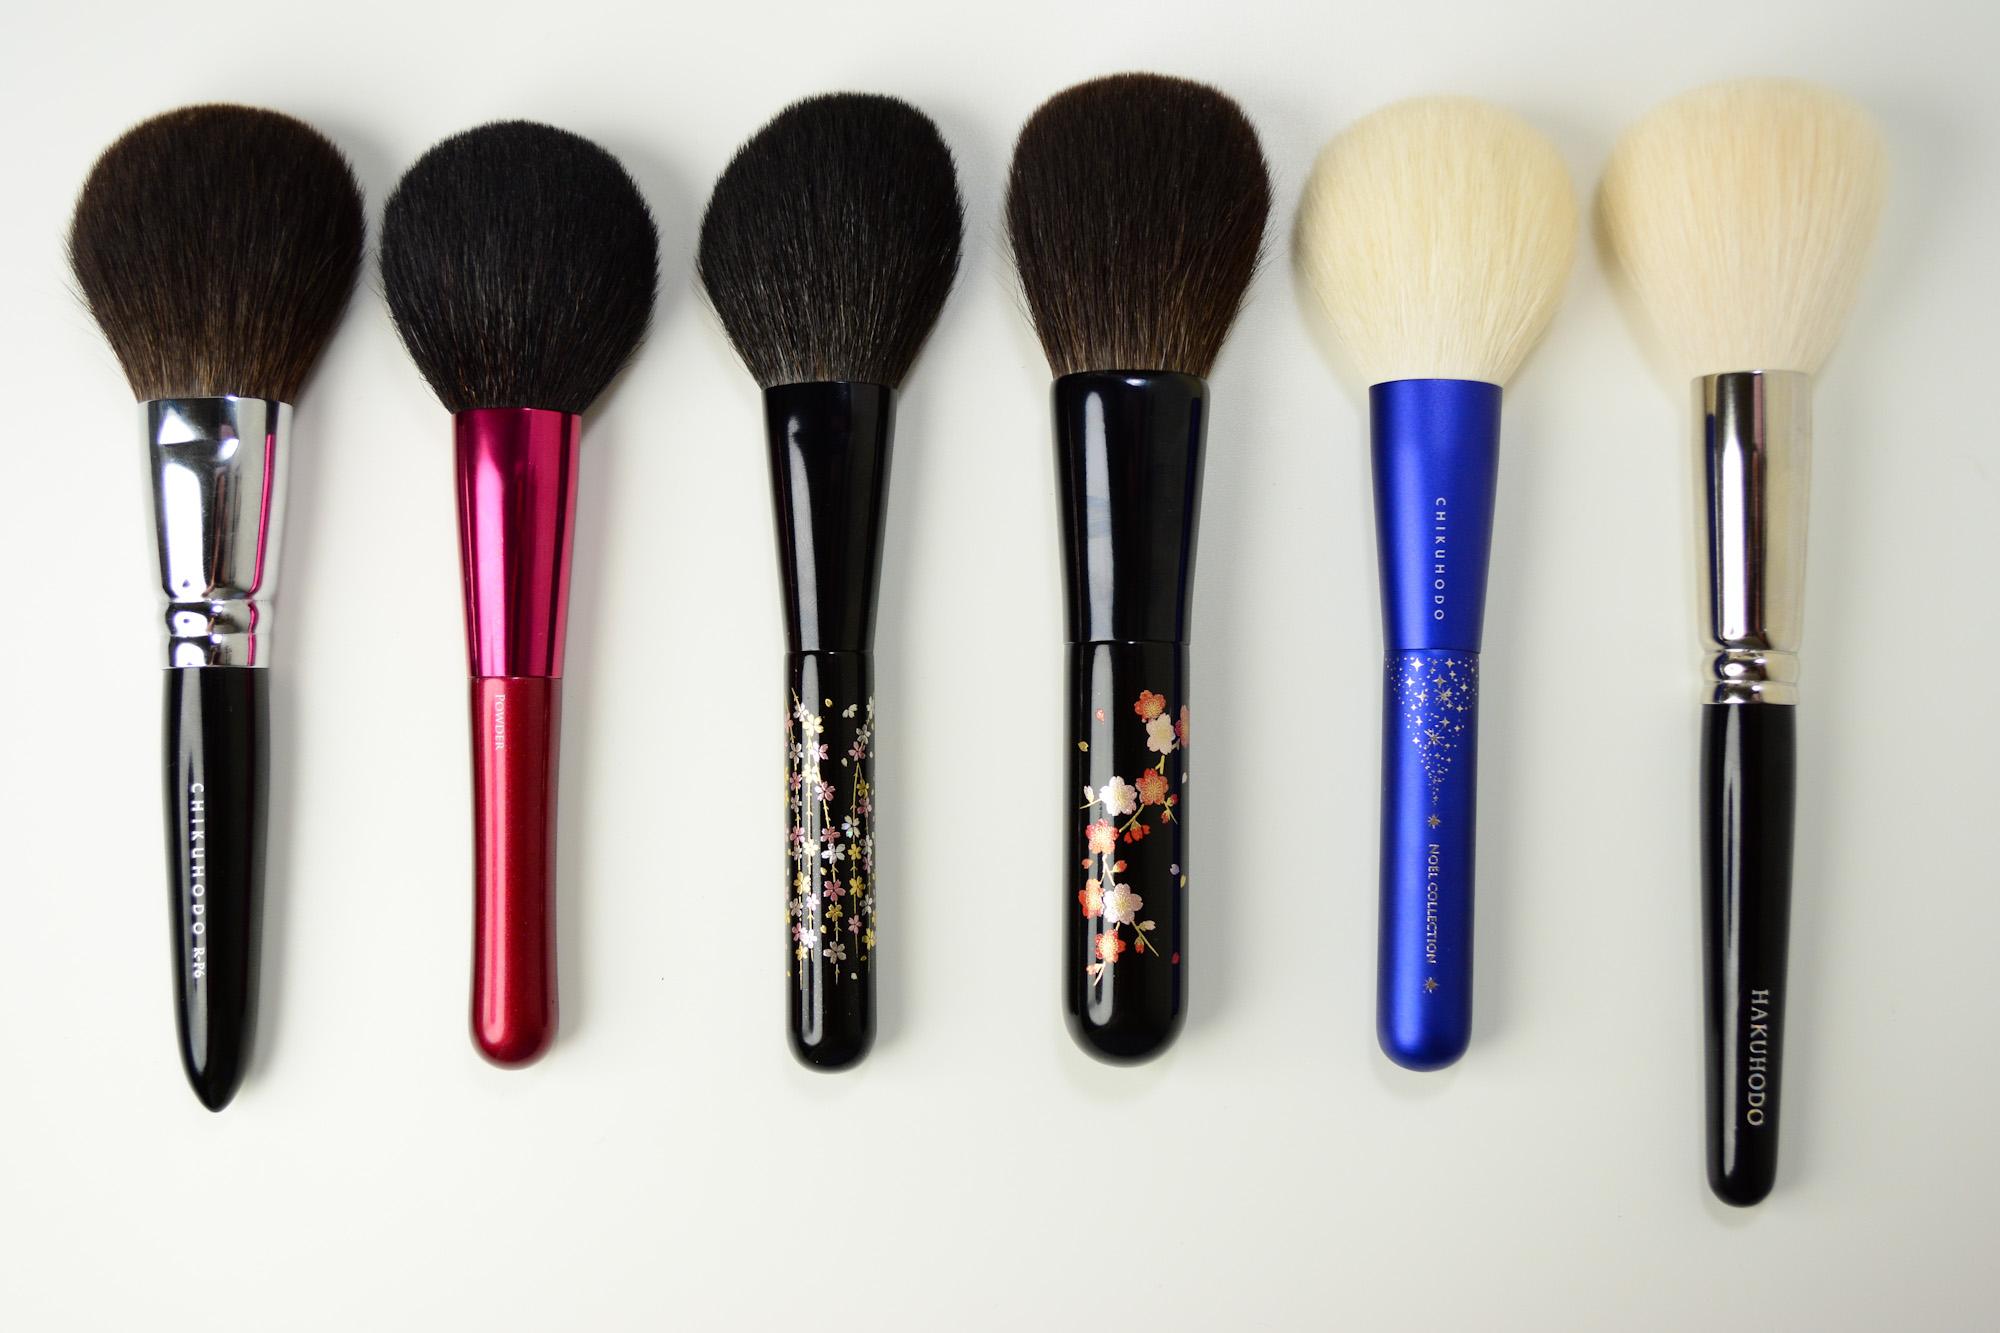 hakuhodo brushes. dsc_0415-2.jpg hakuhodo brushes